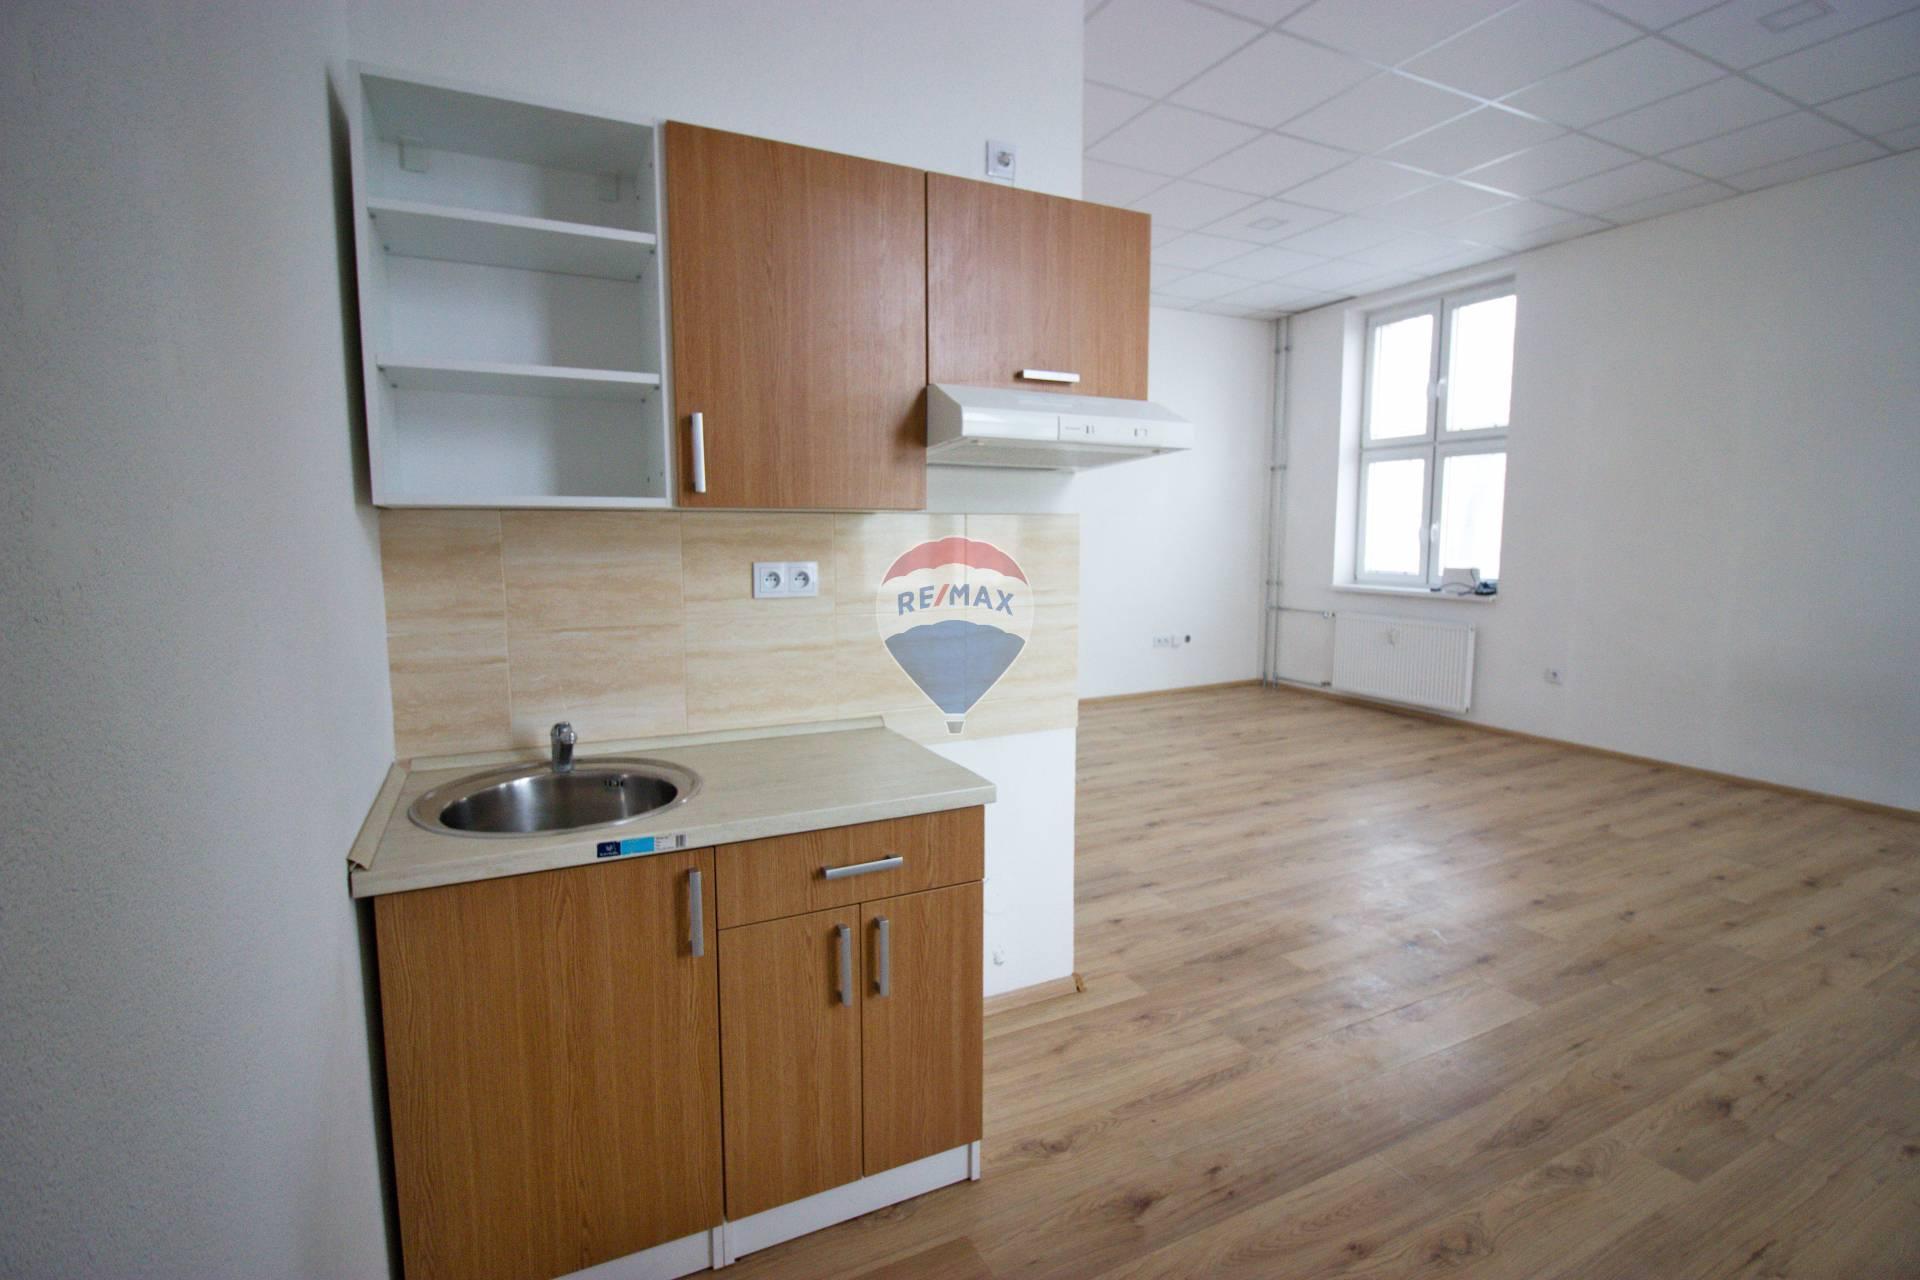 Prenájom 2-izbového bytu č.3.1-rozloha 64,27m2, Nové Mesto nad Váhom